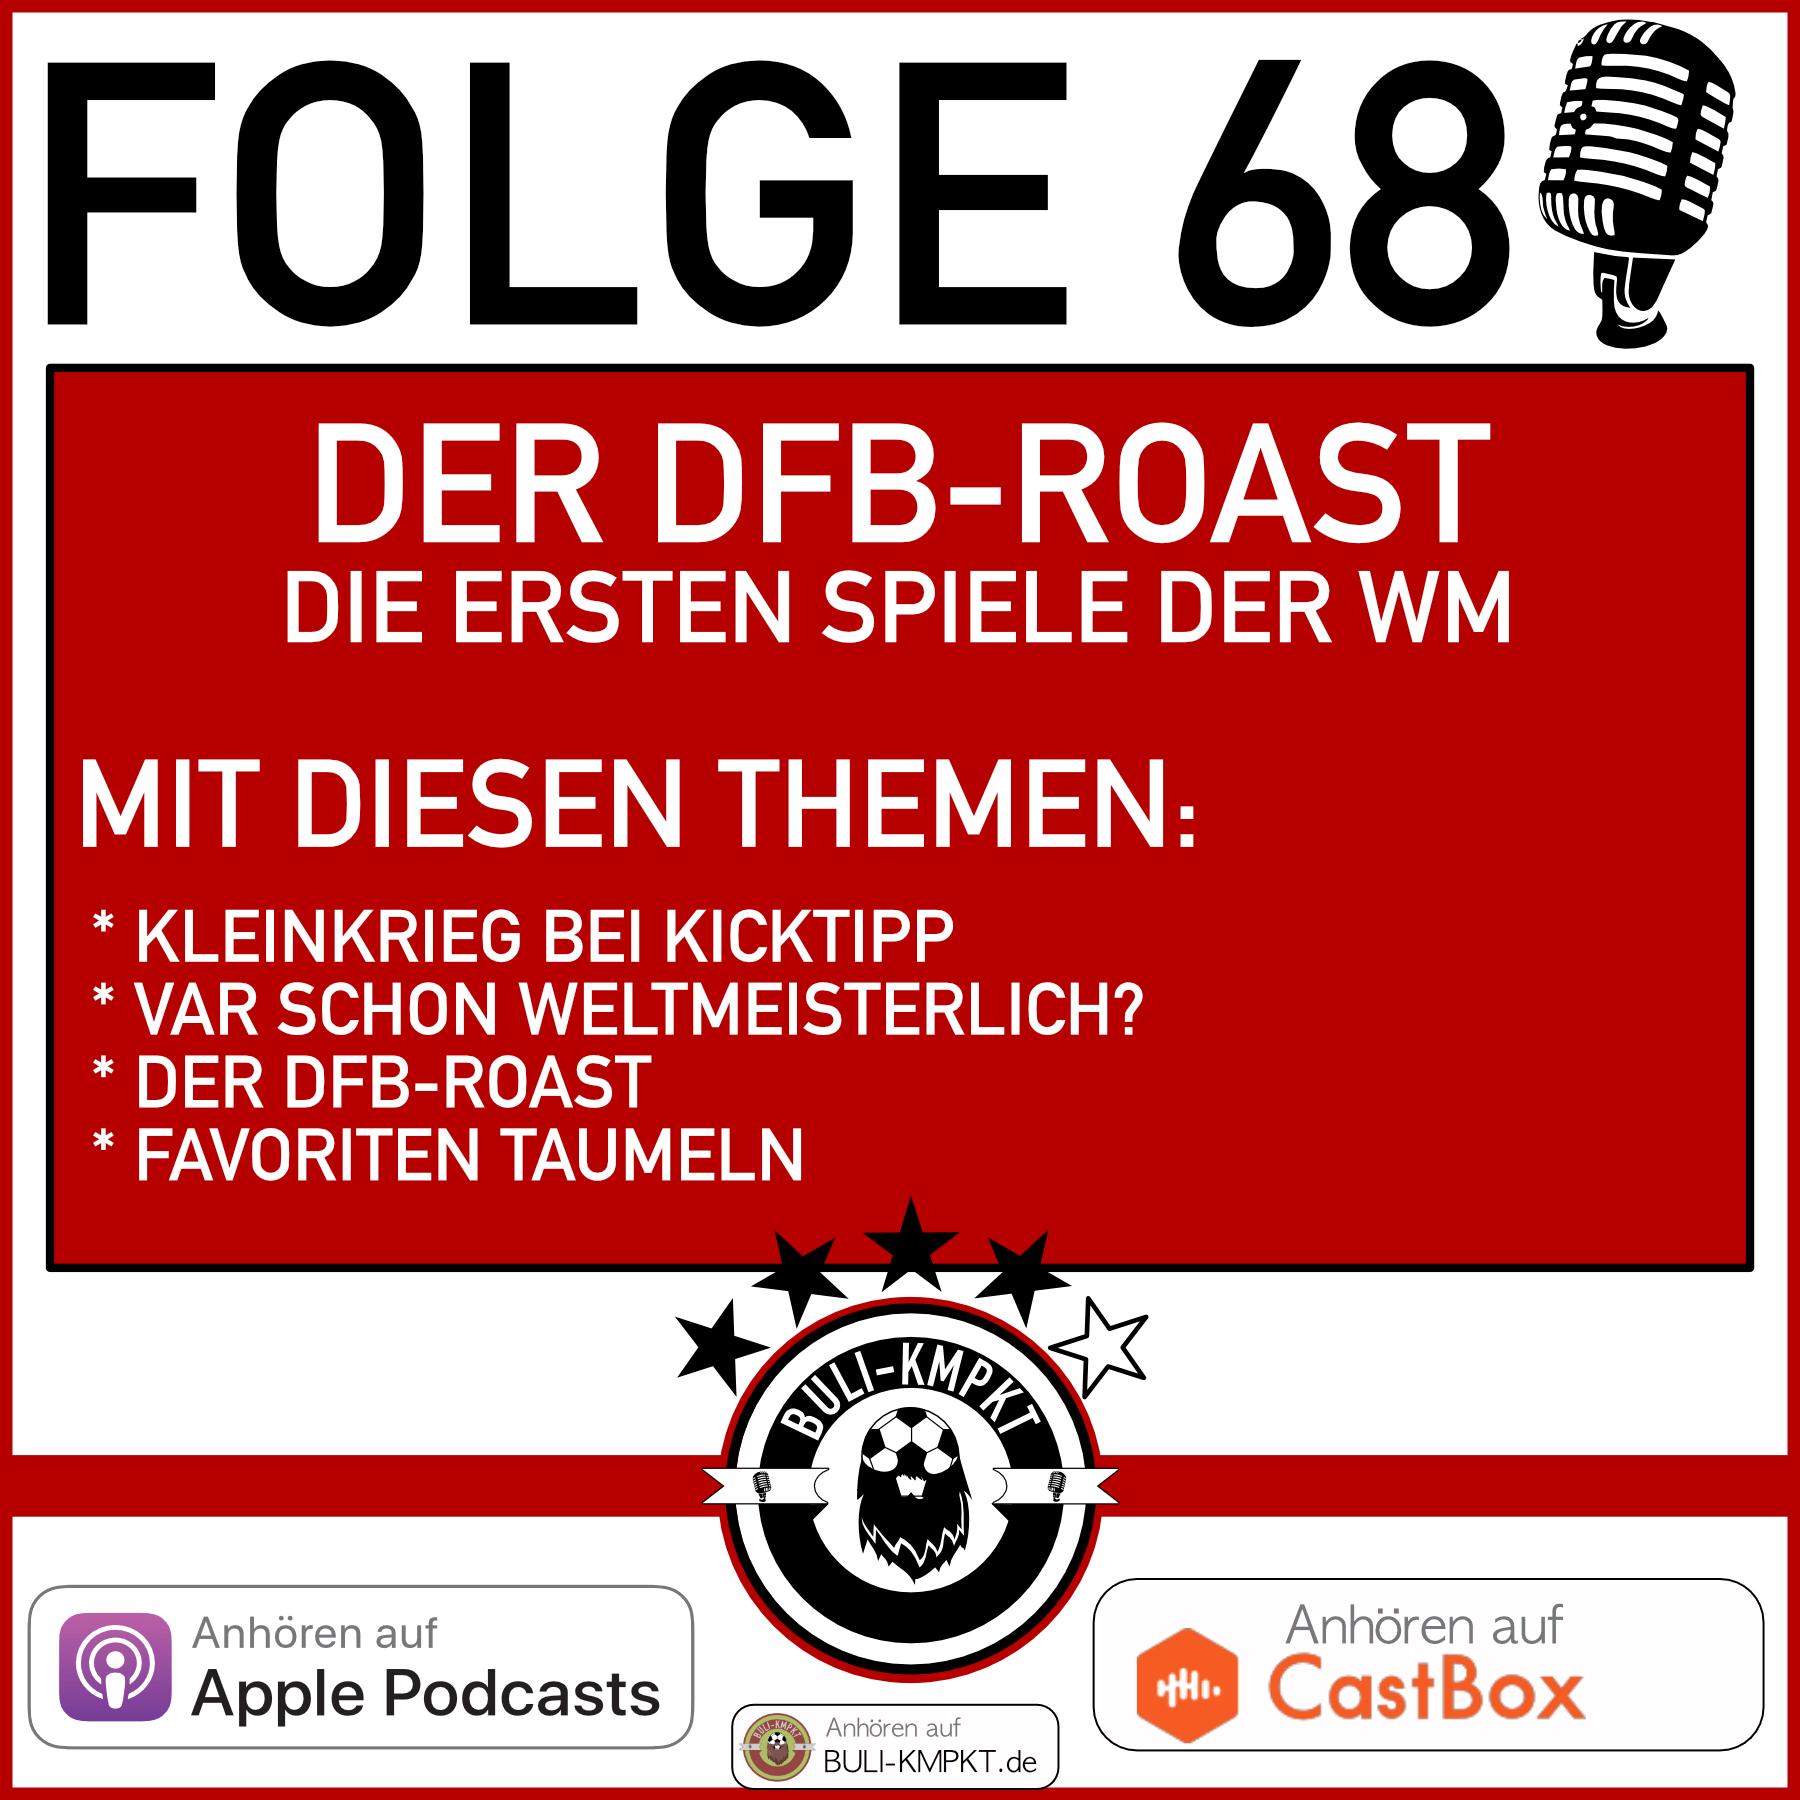 FOLGE 68 – DER DFB-ROAST